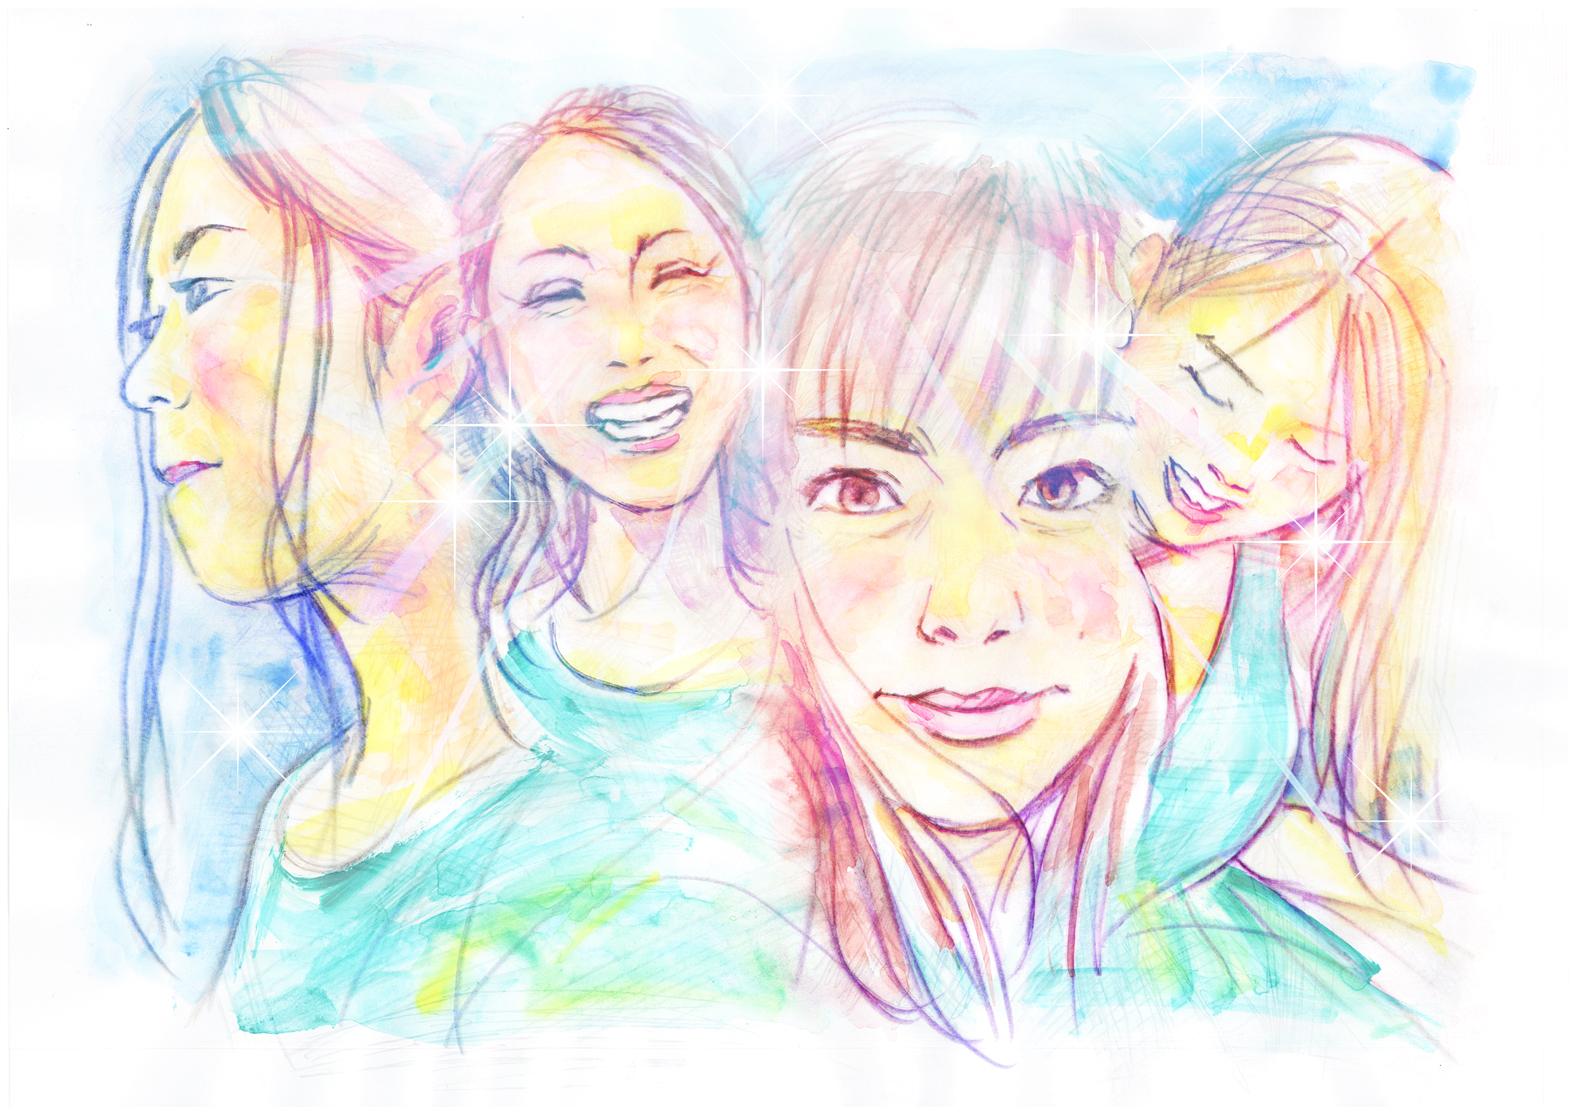 奄美の『シマ唄』を歌い継ぐコーラスユニット「あゆたーり」、デビュー曲「煌く」の配信リリースが決定サムネイル画像